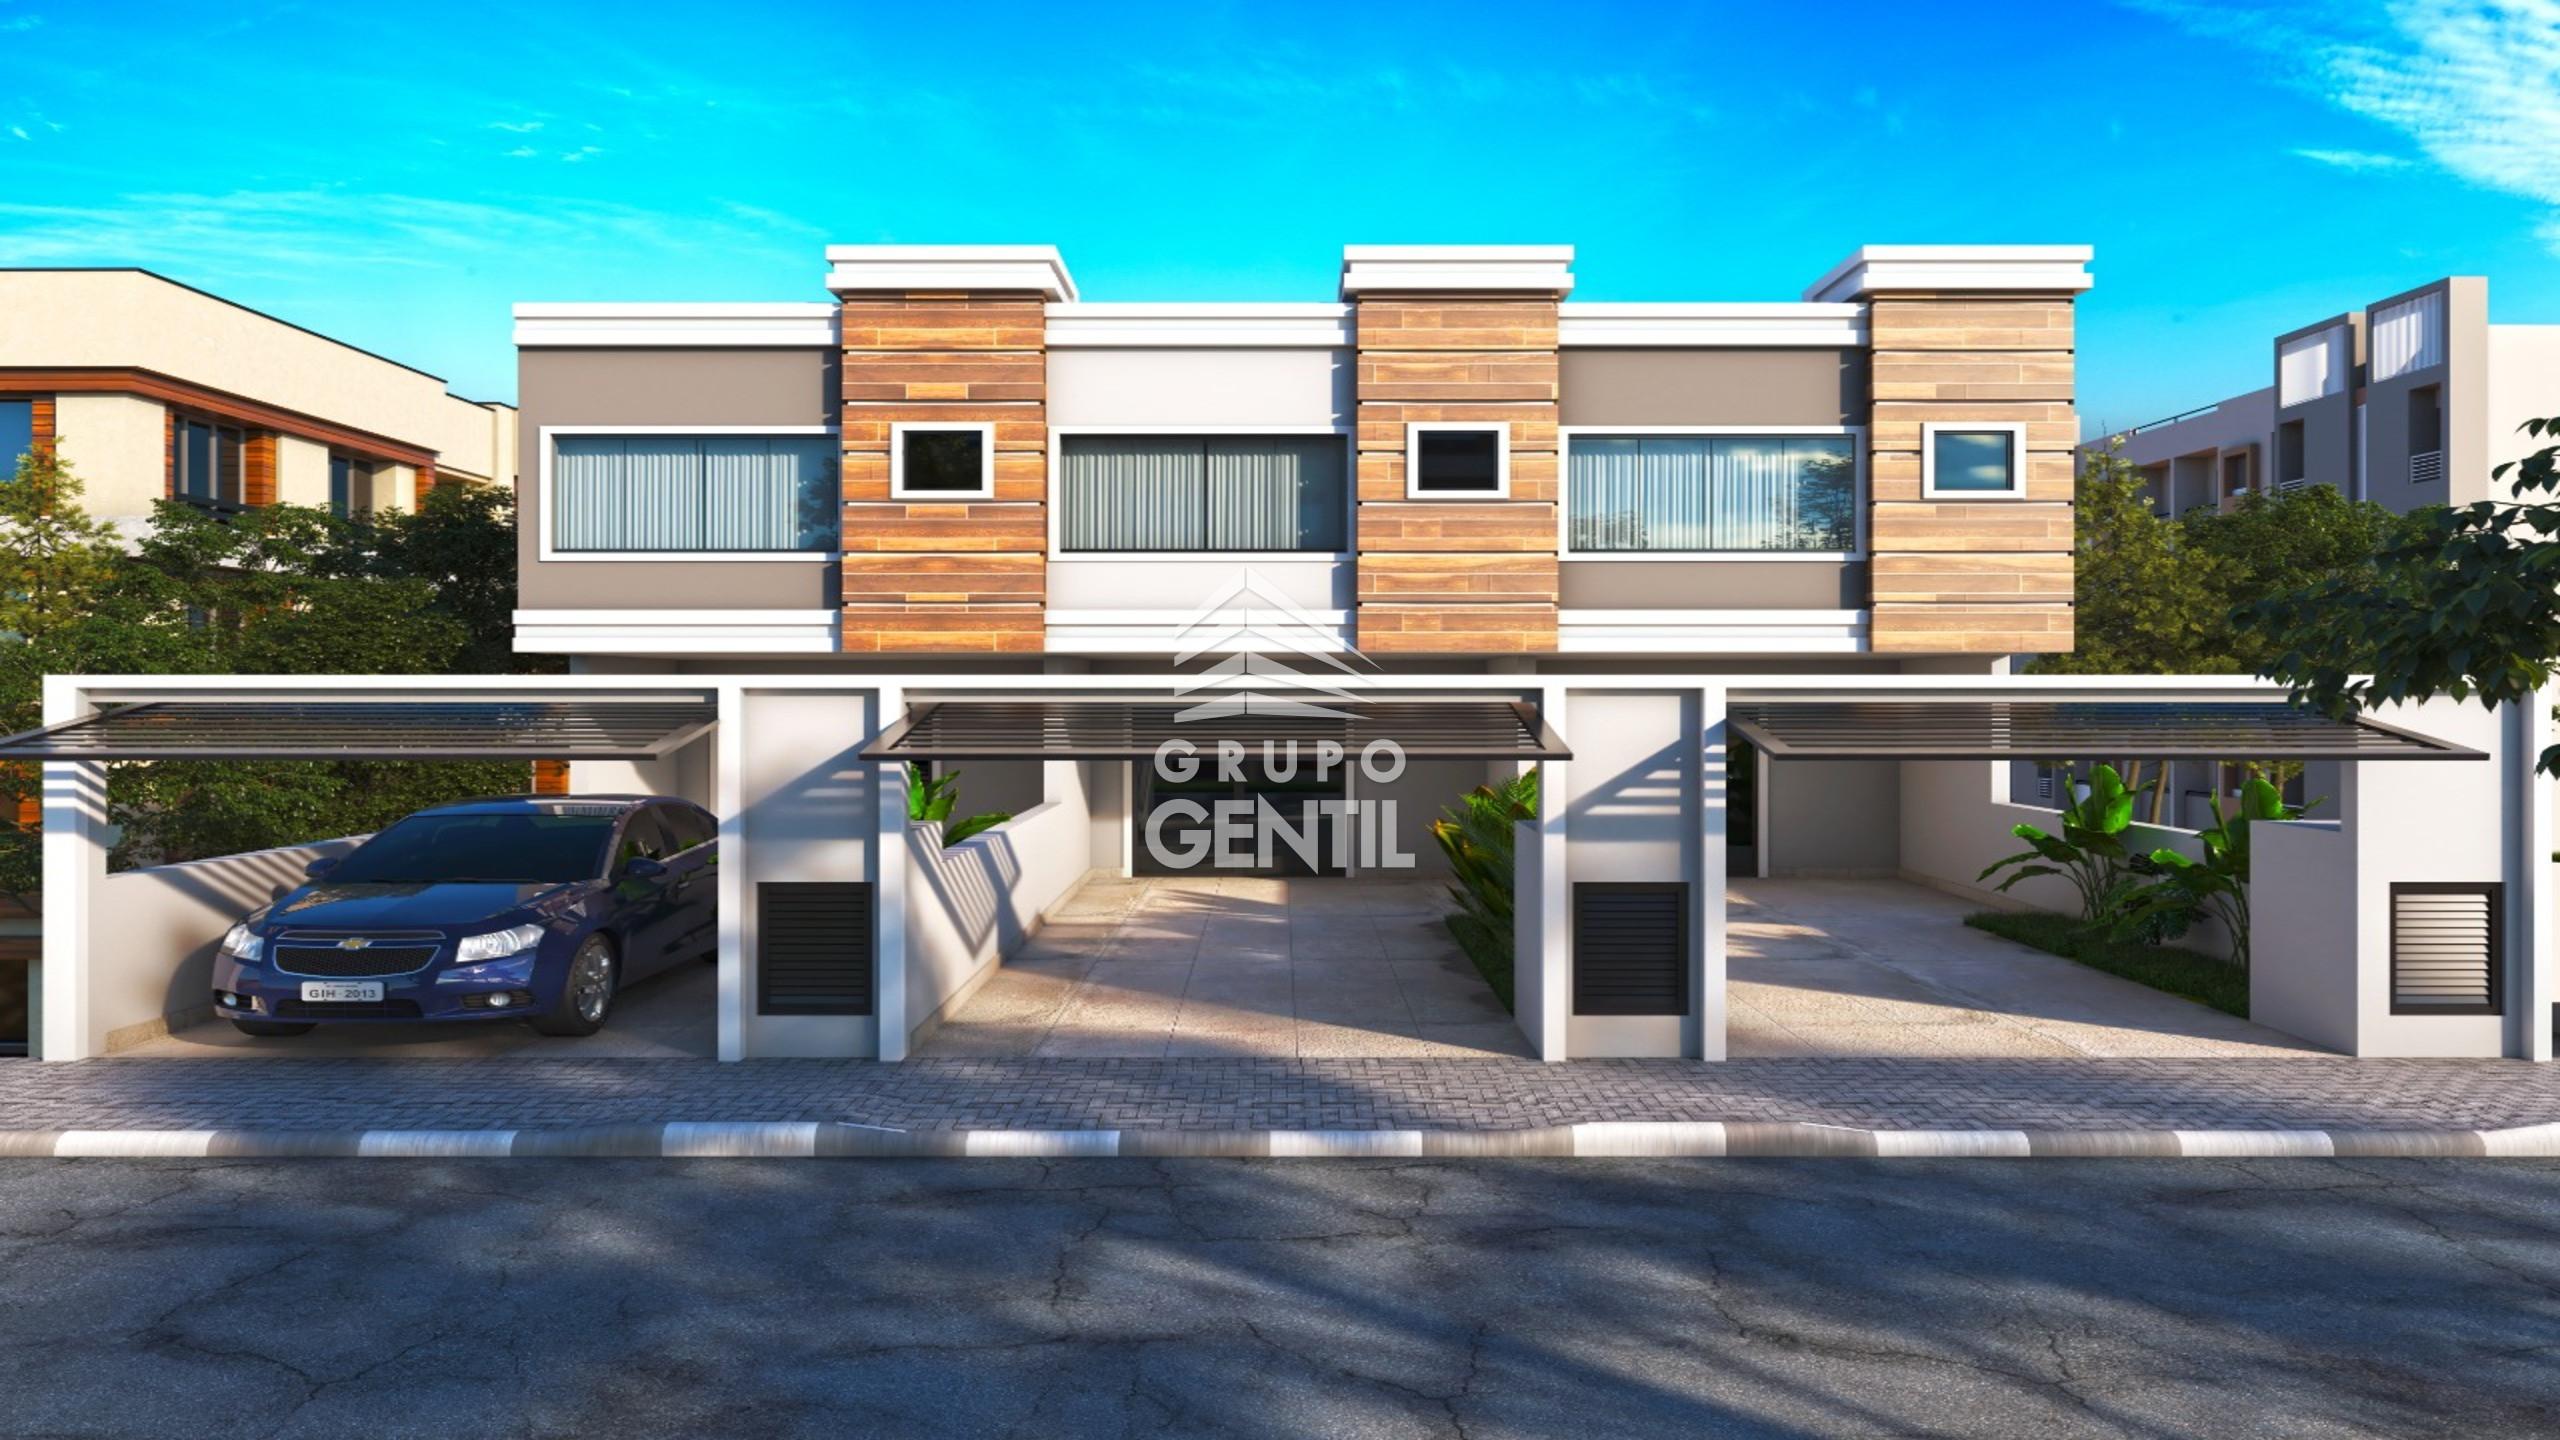 SOBRADO com 3 dormitórios à venda com 94m² por R$ 419.000,00 - ITAPEMA / SC